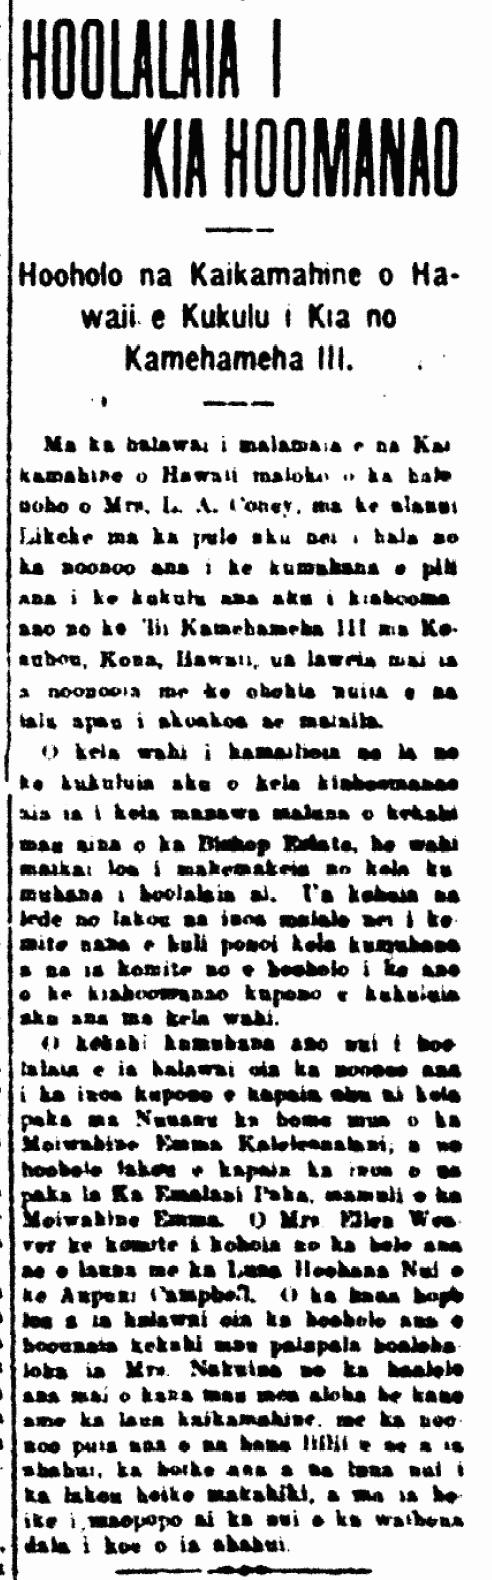 HOOLALAIA I KIA HOOMANAO